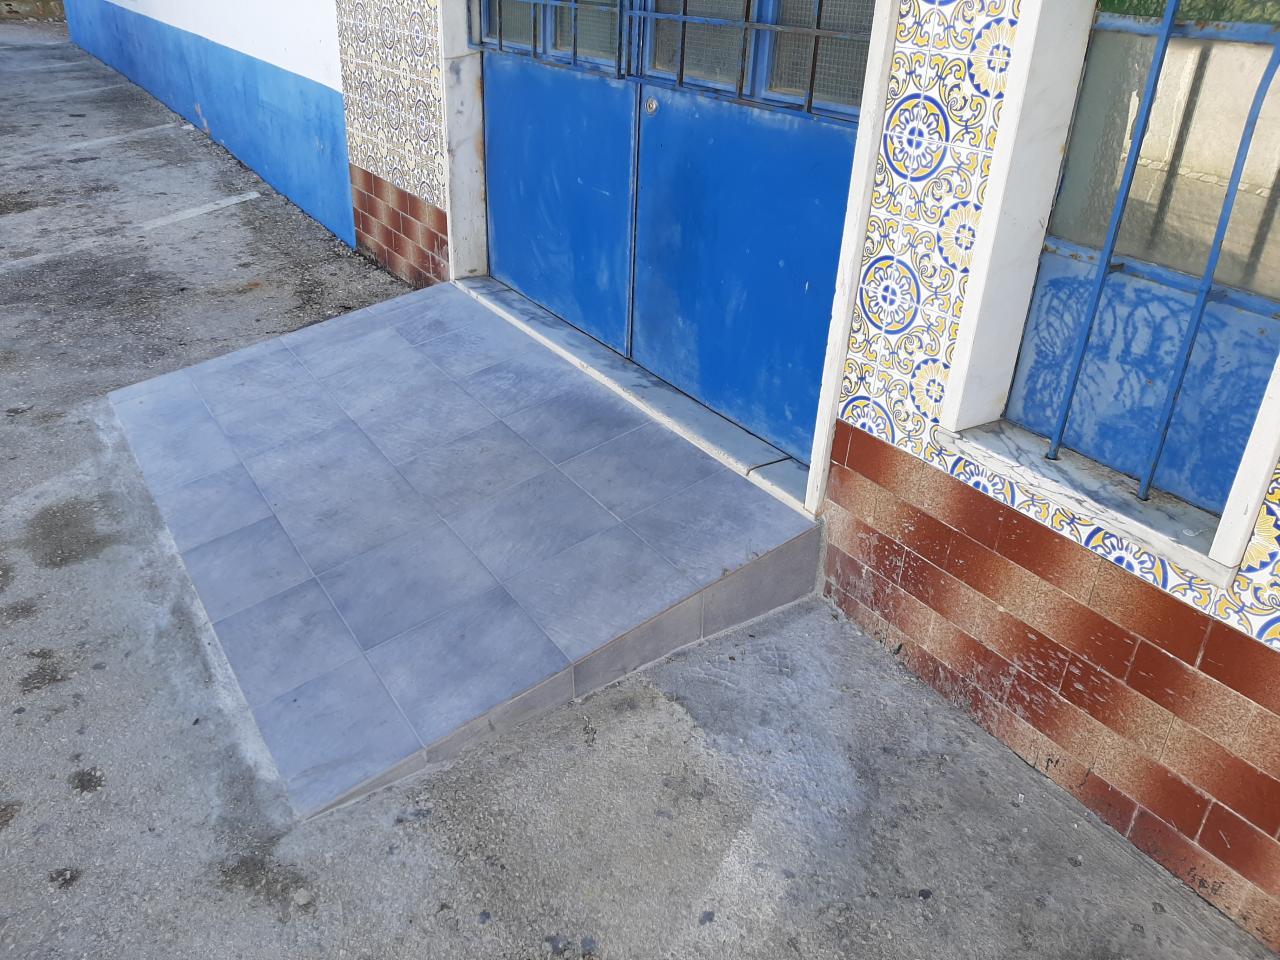 UDRC e Sporting de Alenquer adaptam as sedes a pessoas com mobilidade reduzida